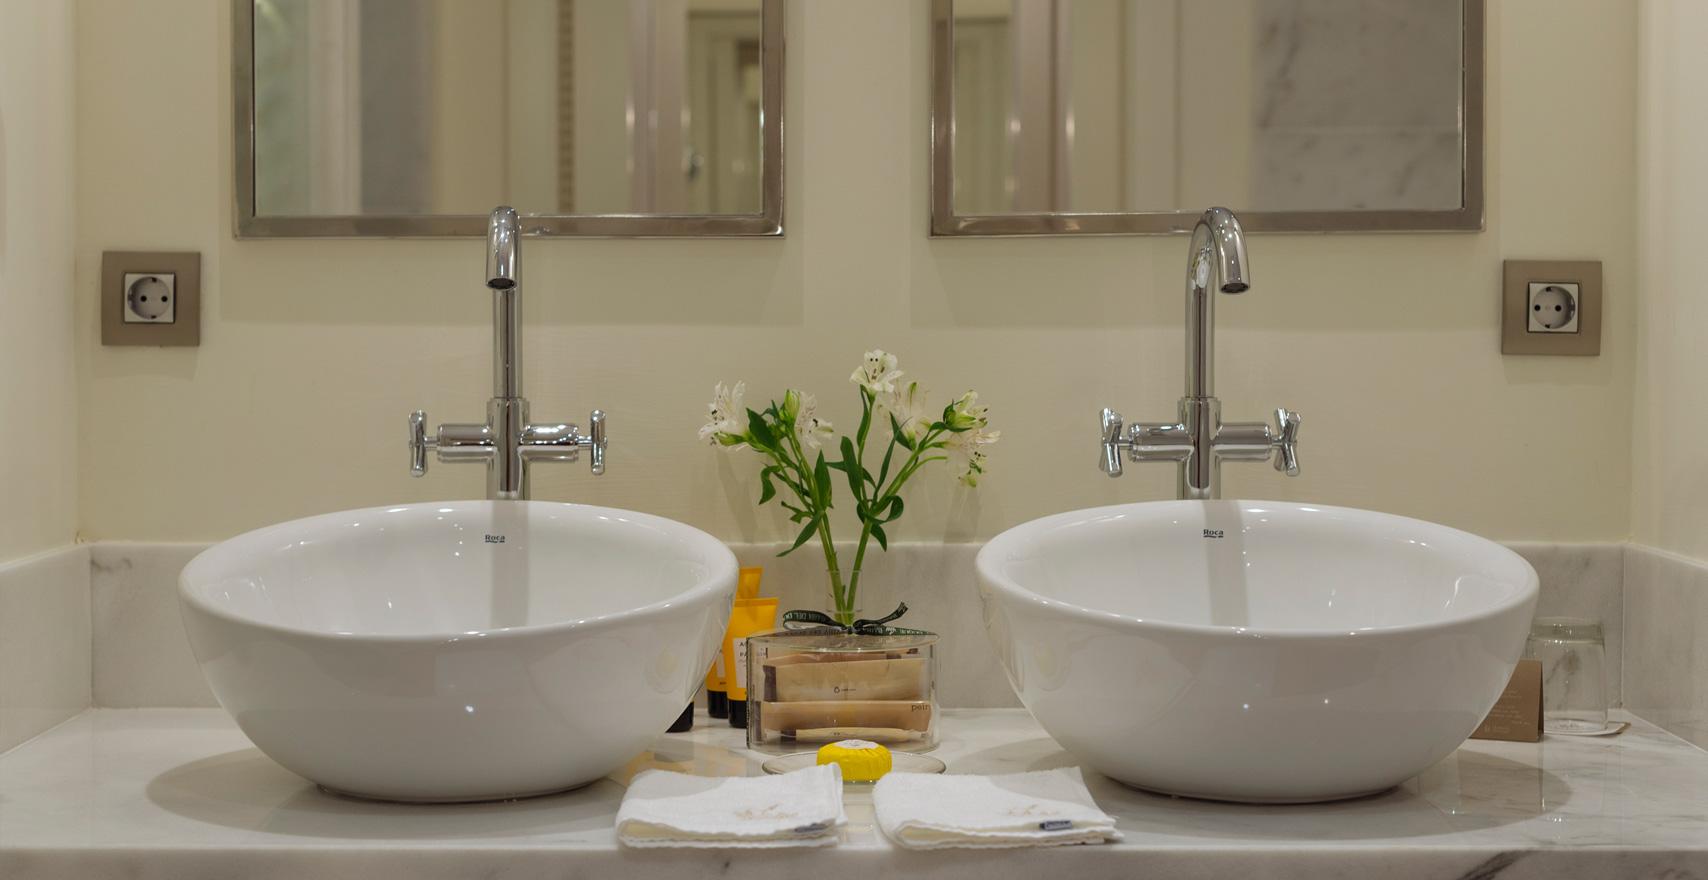 Doubleroom Casas Ducales bathroom